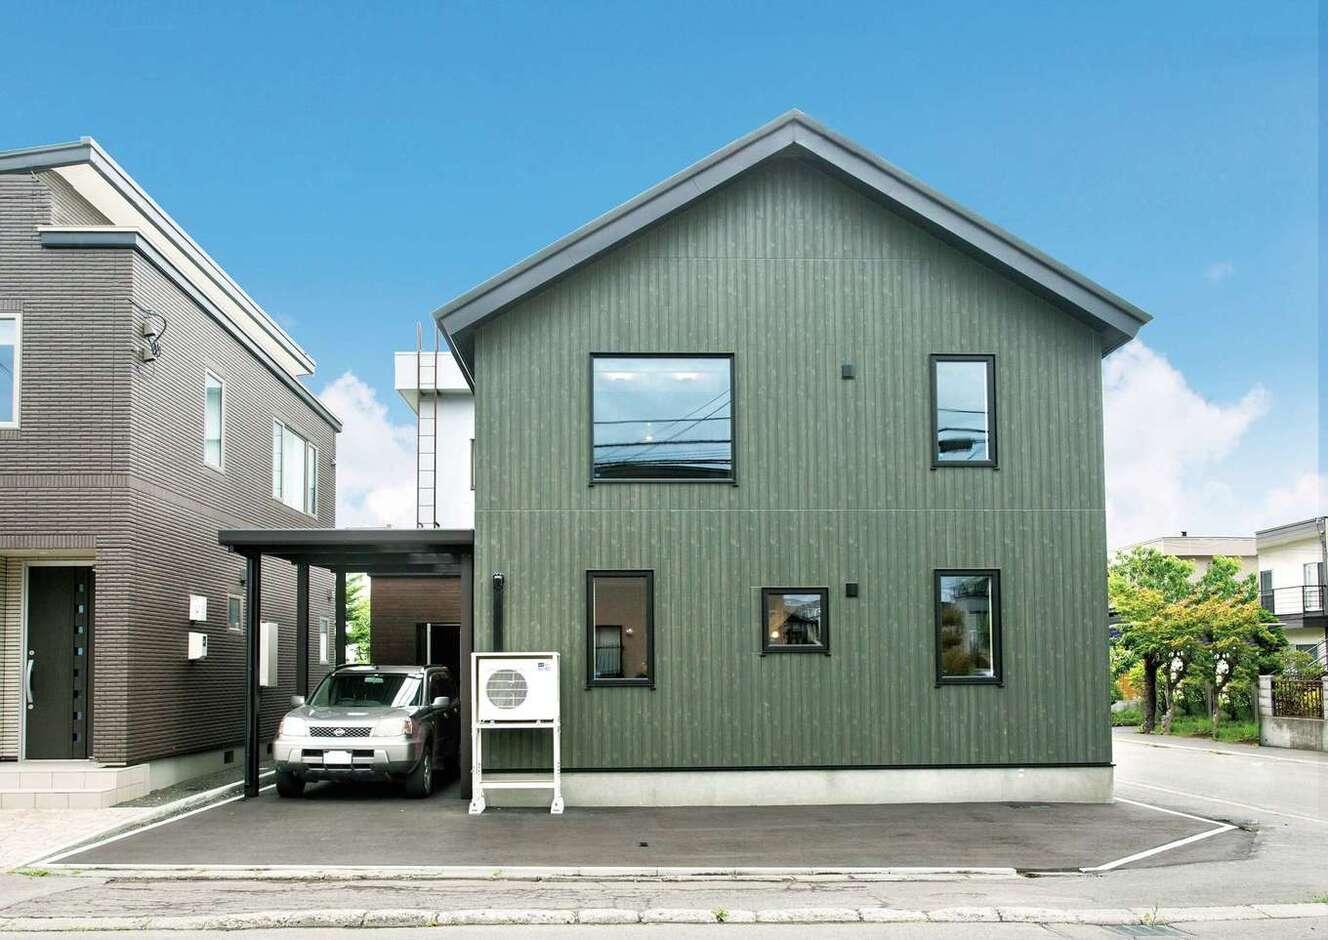 サイエンスホーム甲府店・笛吹店【デザイン住宅、趣味、自然素材】三角屋根のシンプルな外観フォルム。夫婦の好きな深いグリーン系のサイディングにブラックの窓枠が映える